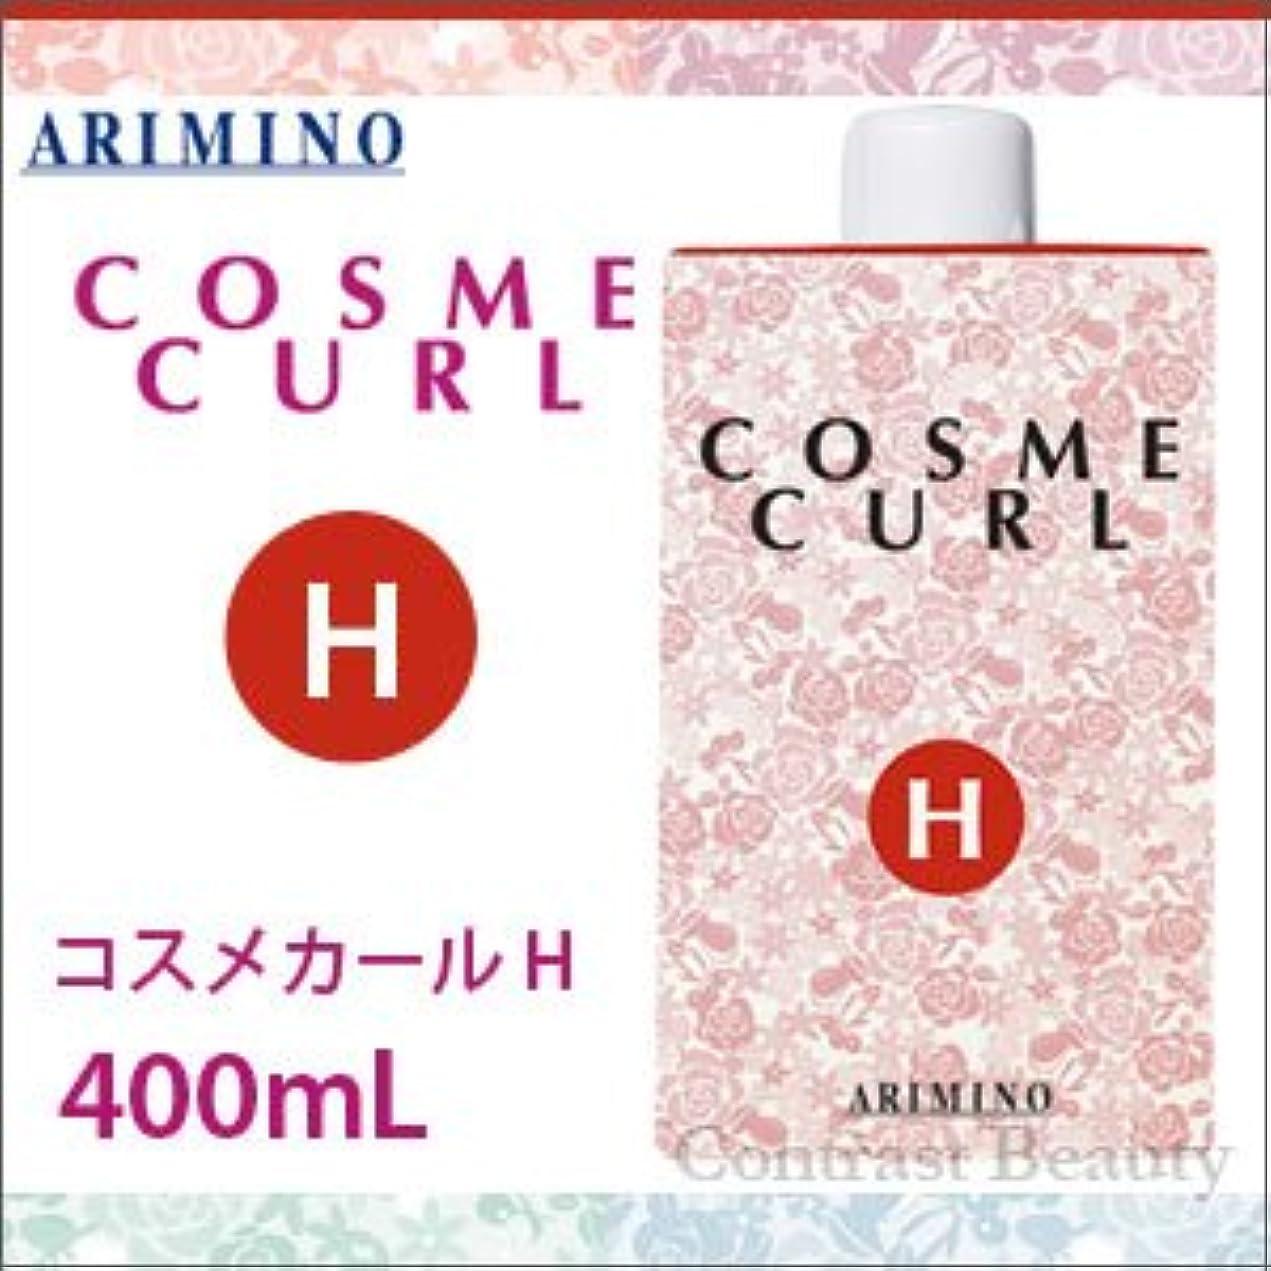 手配する食用避けられないアリミノ コスメカール H 400ml